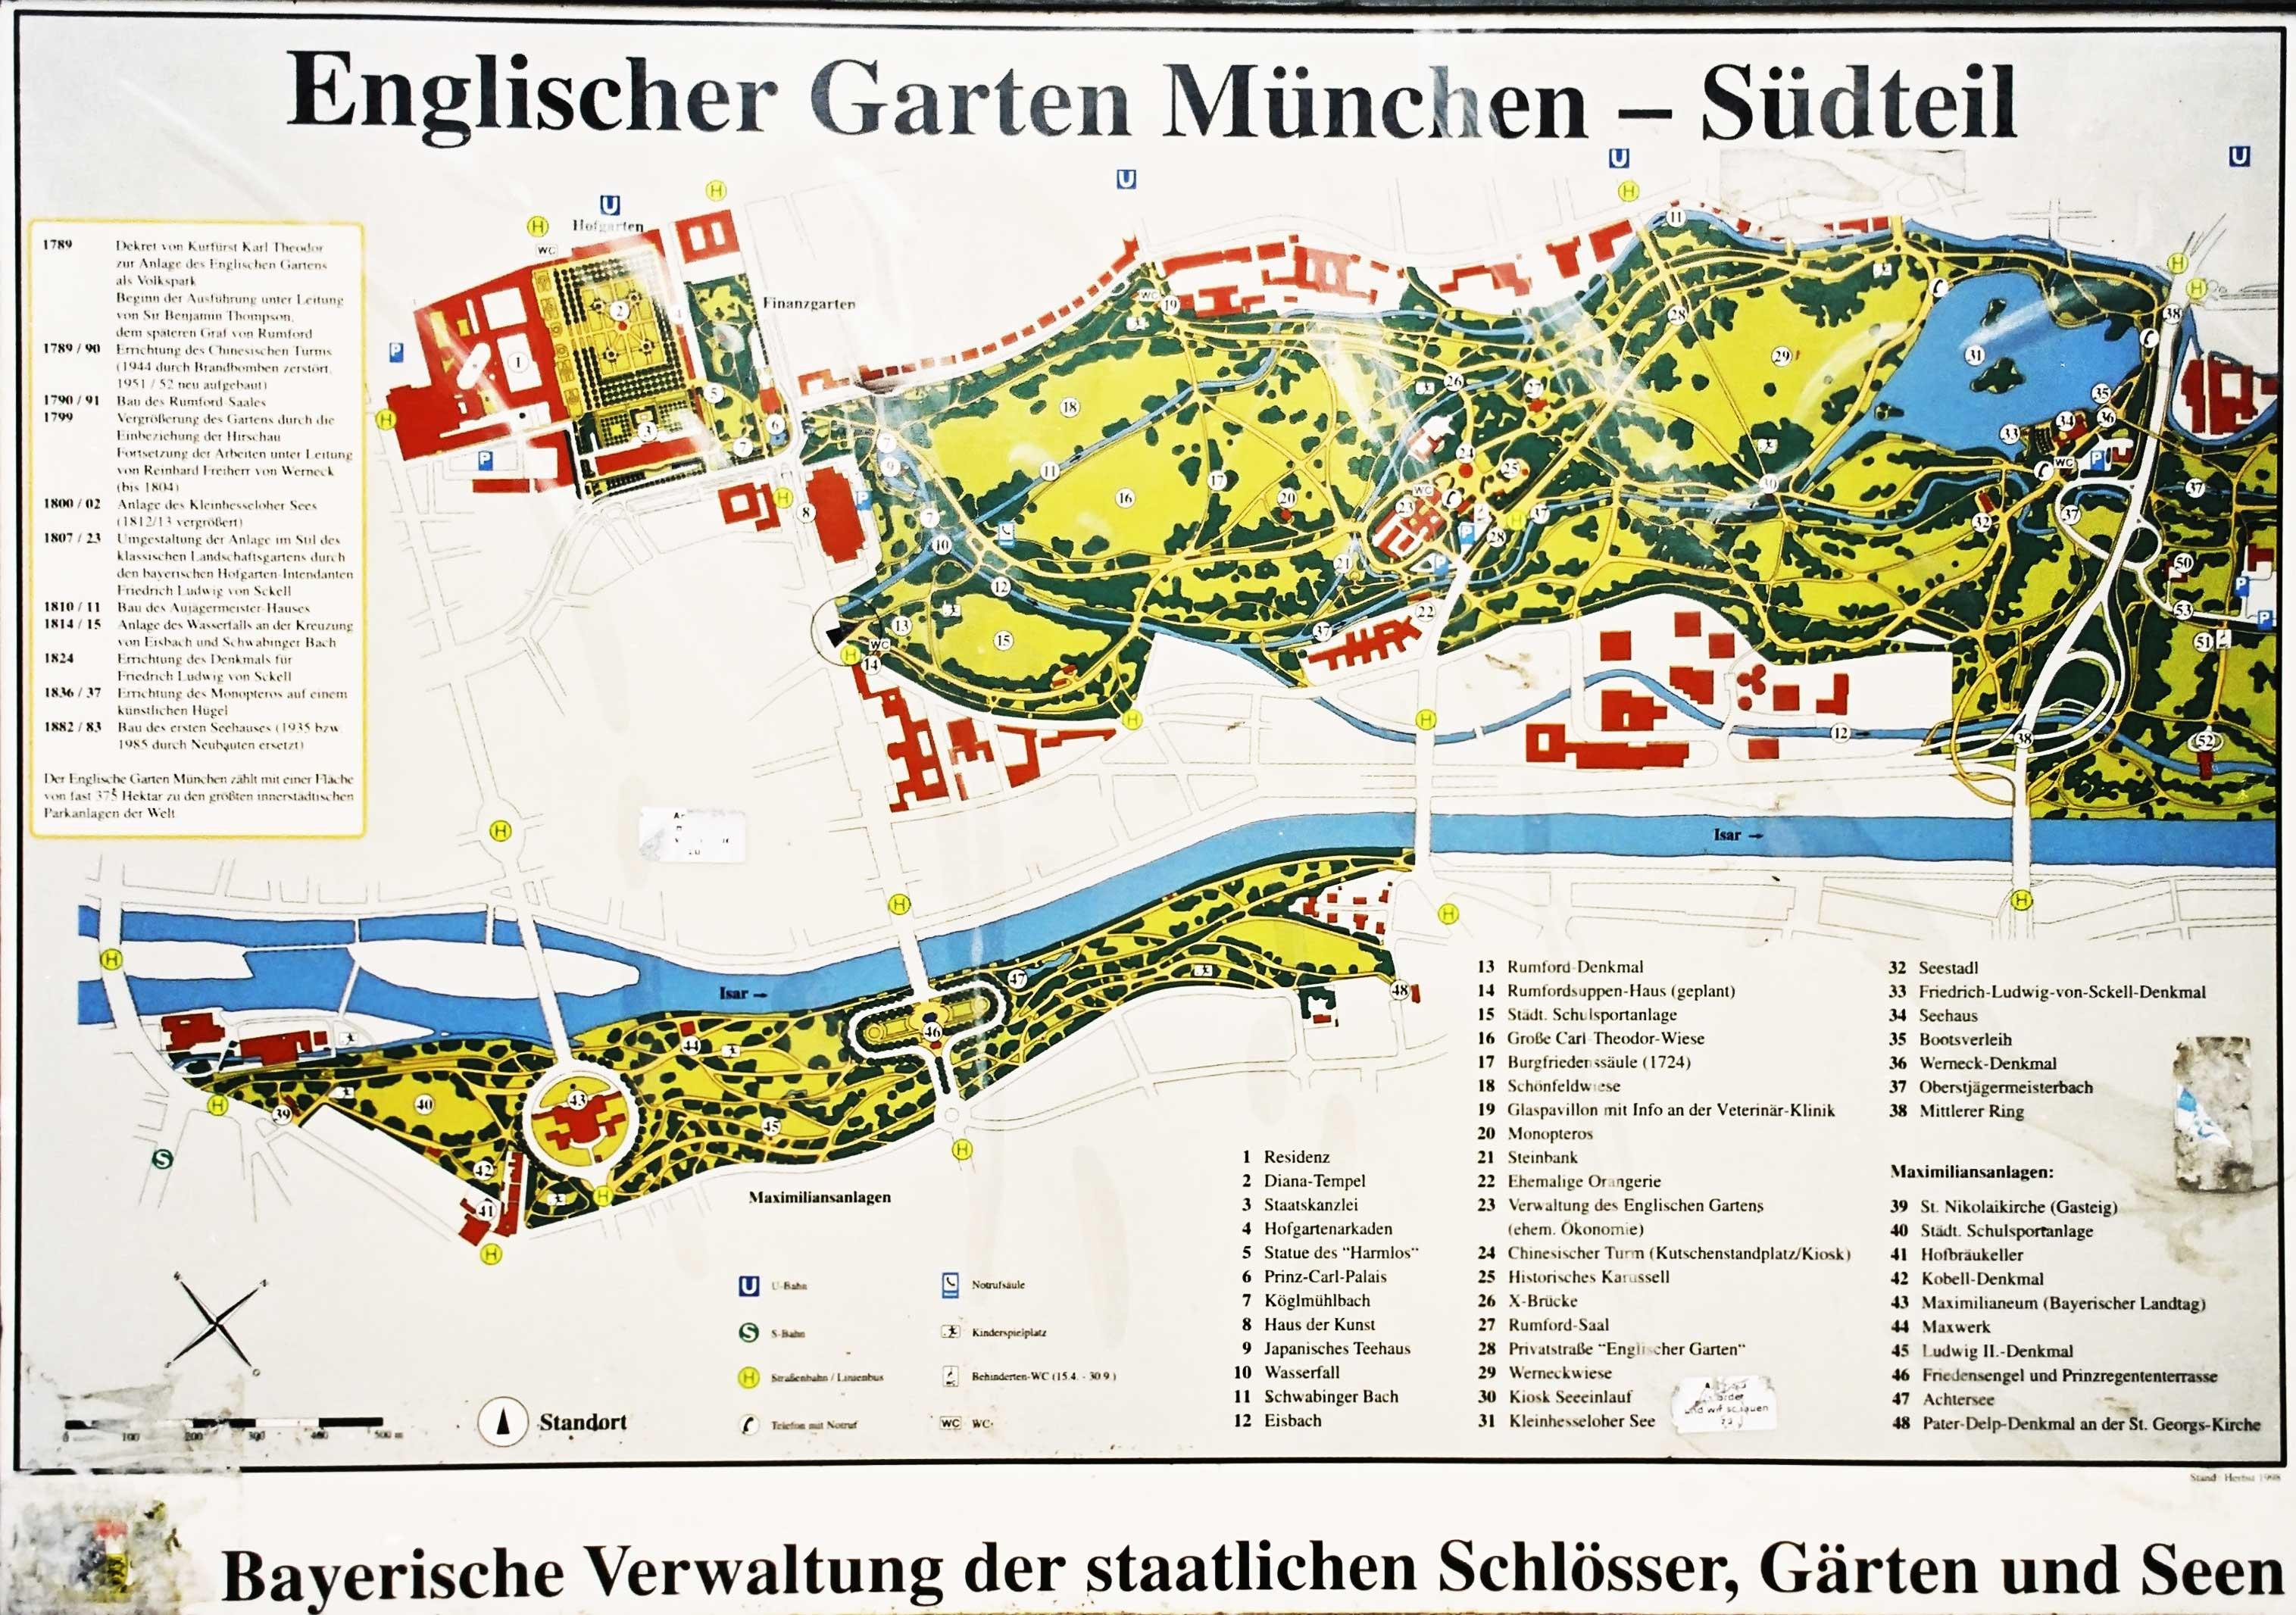 Japanischer Garten München file münchen englischer garten südteil jpg wikimedia commons